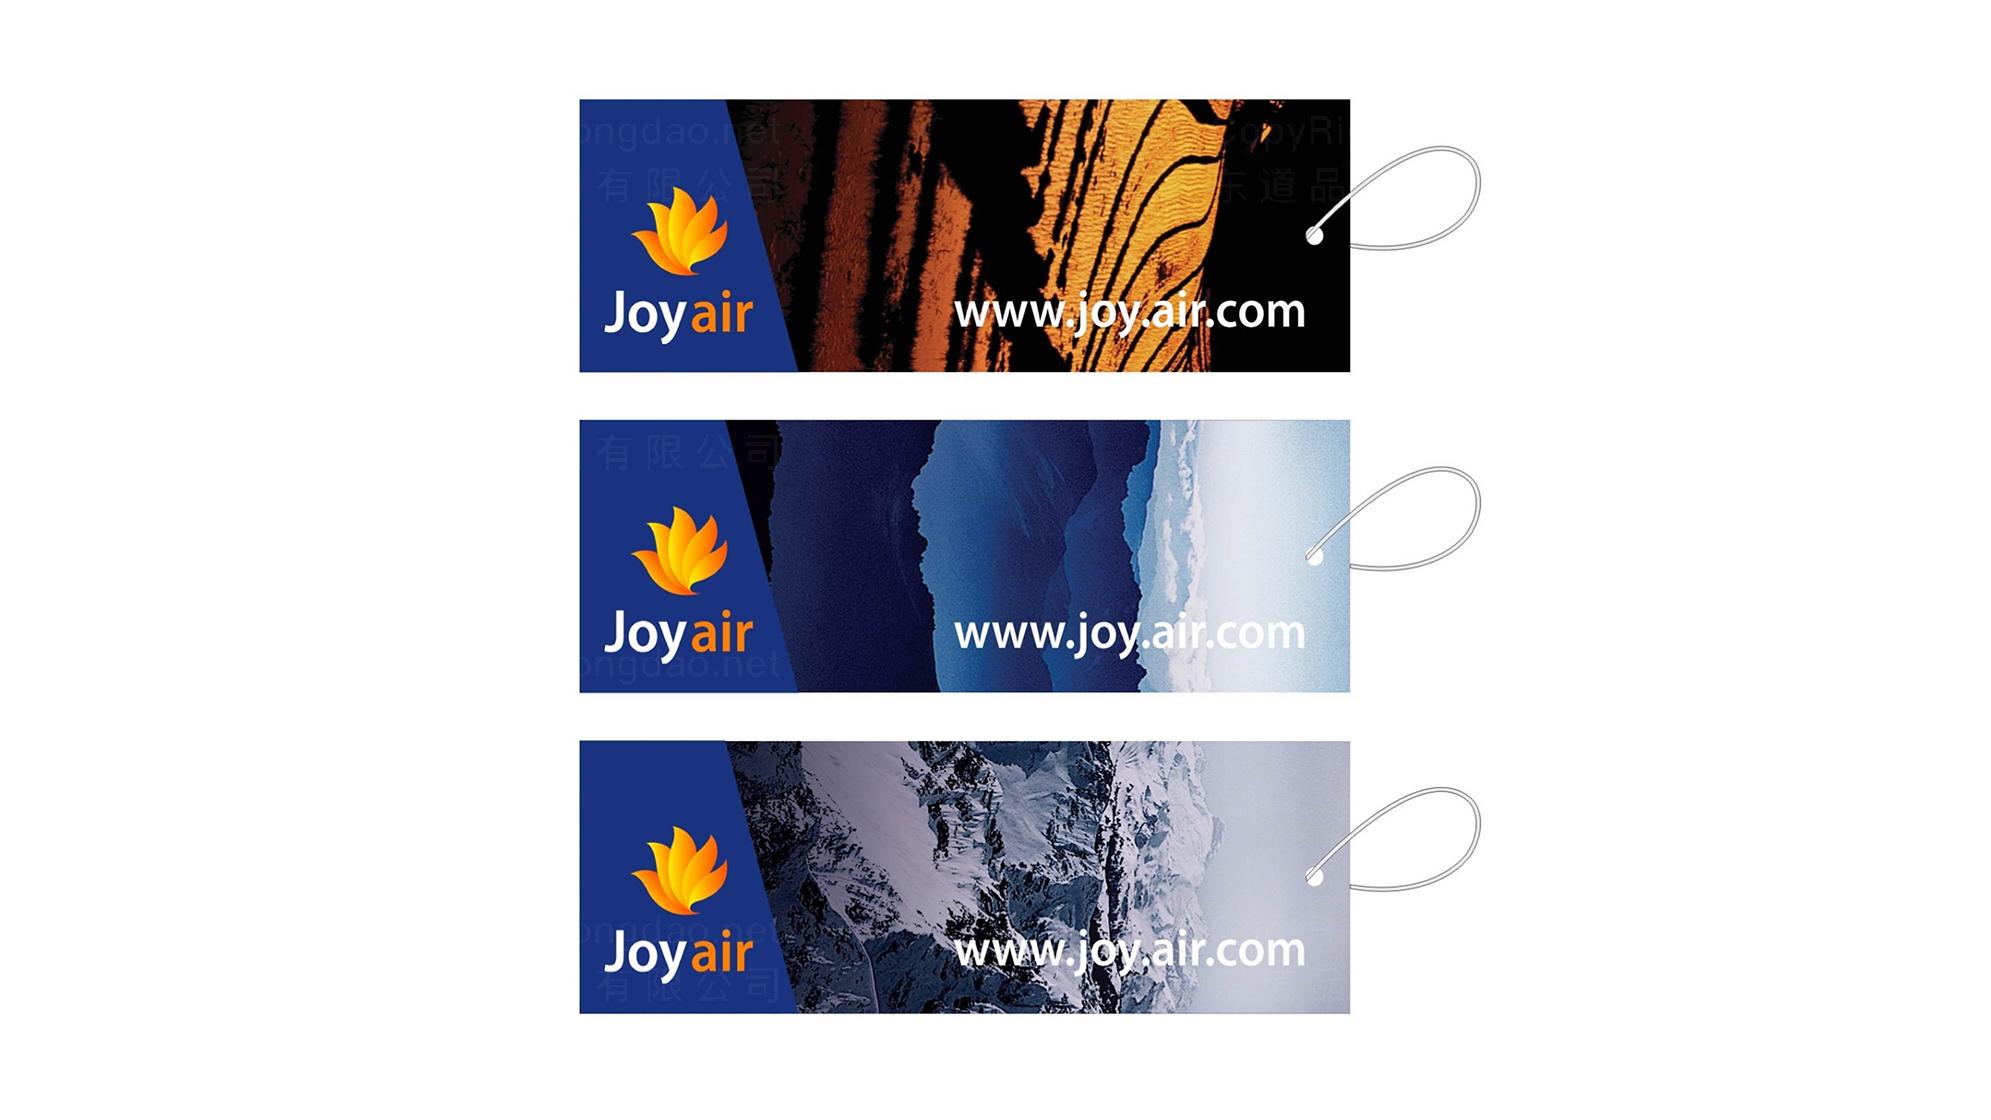 航空公司logo设计、vi设计应用场景_2